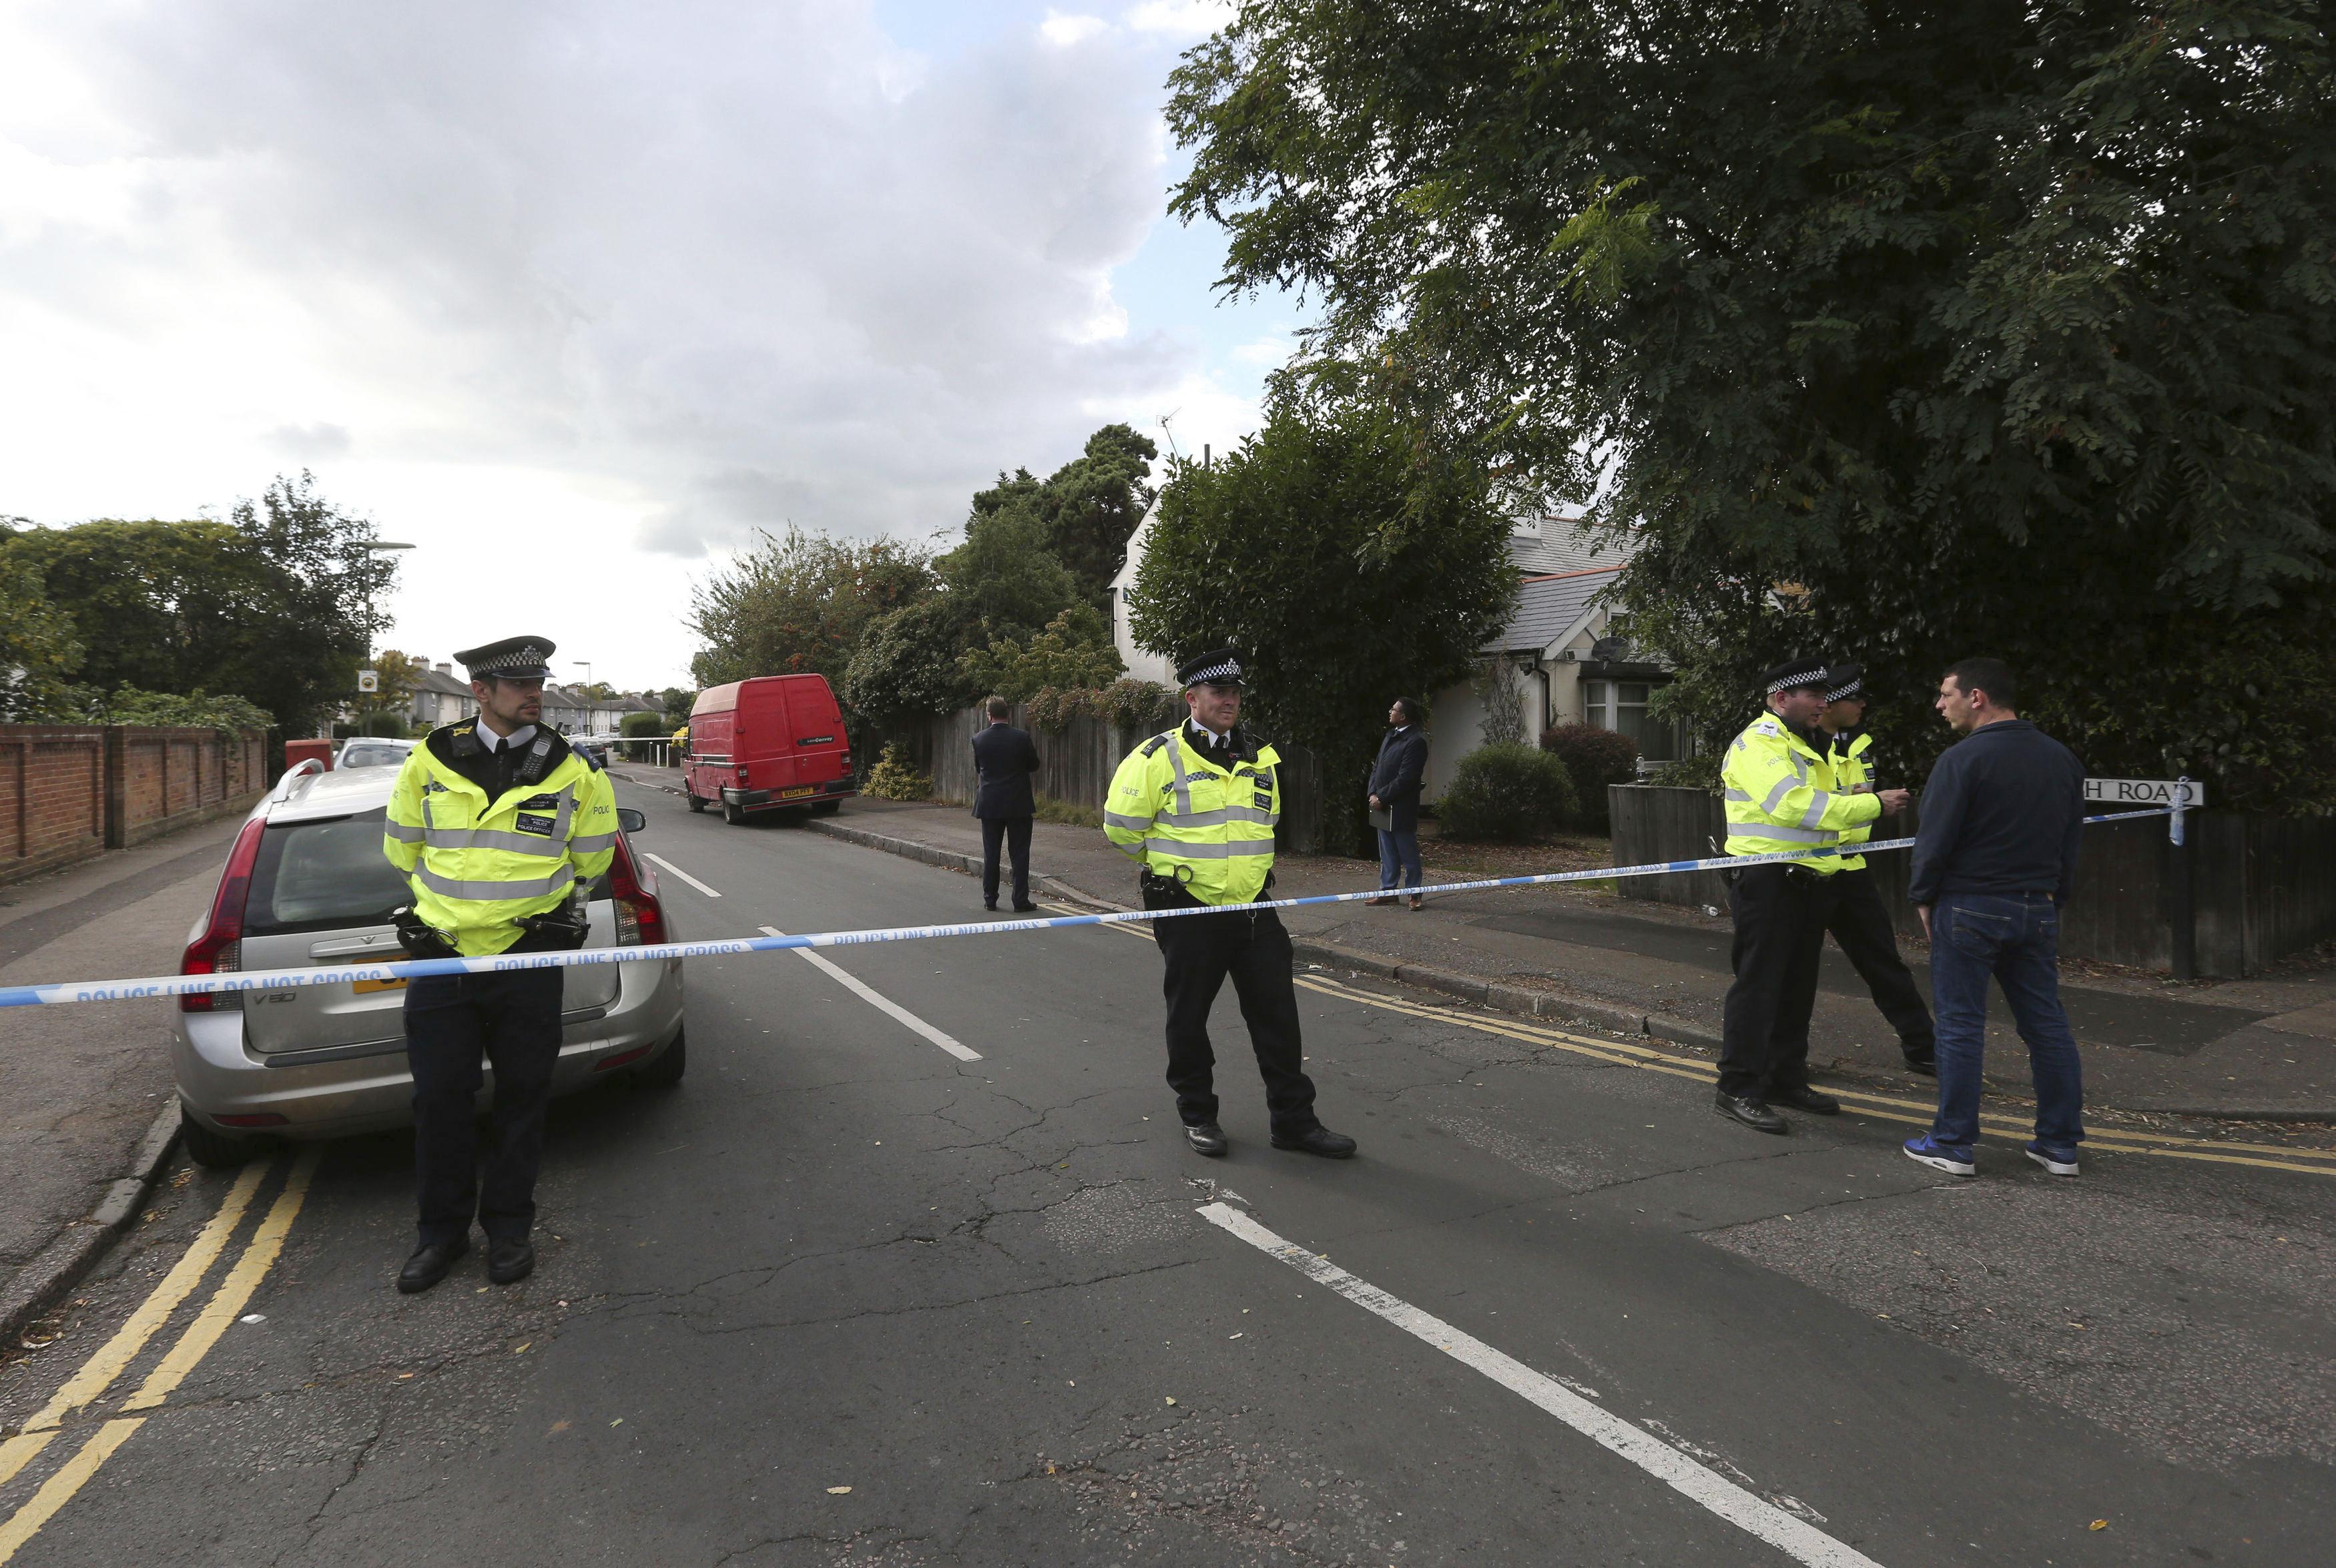 Britain downgrades nation's terrorism threat after 2nd arrest